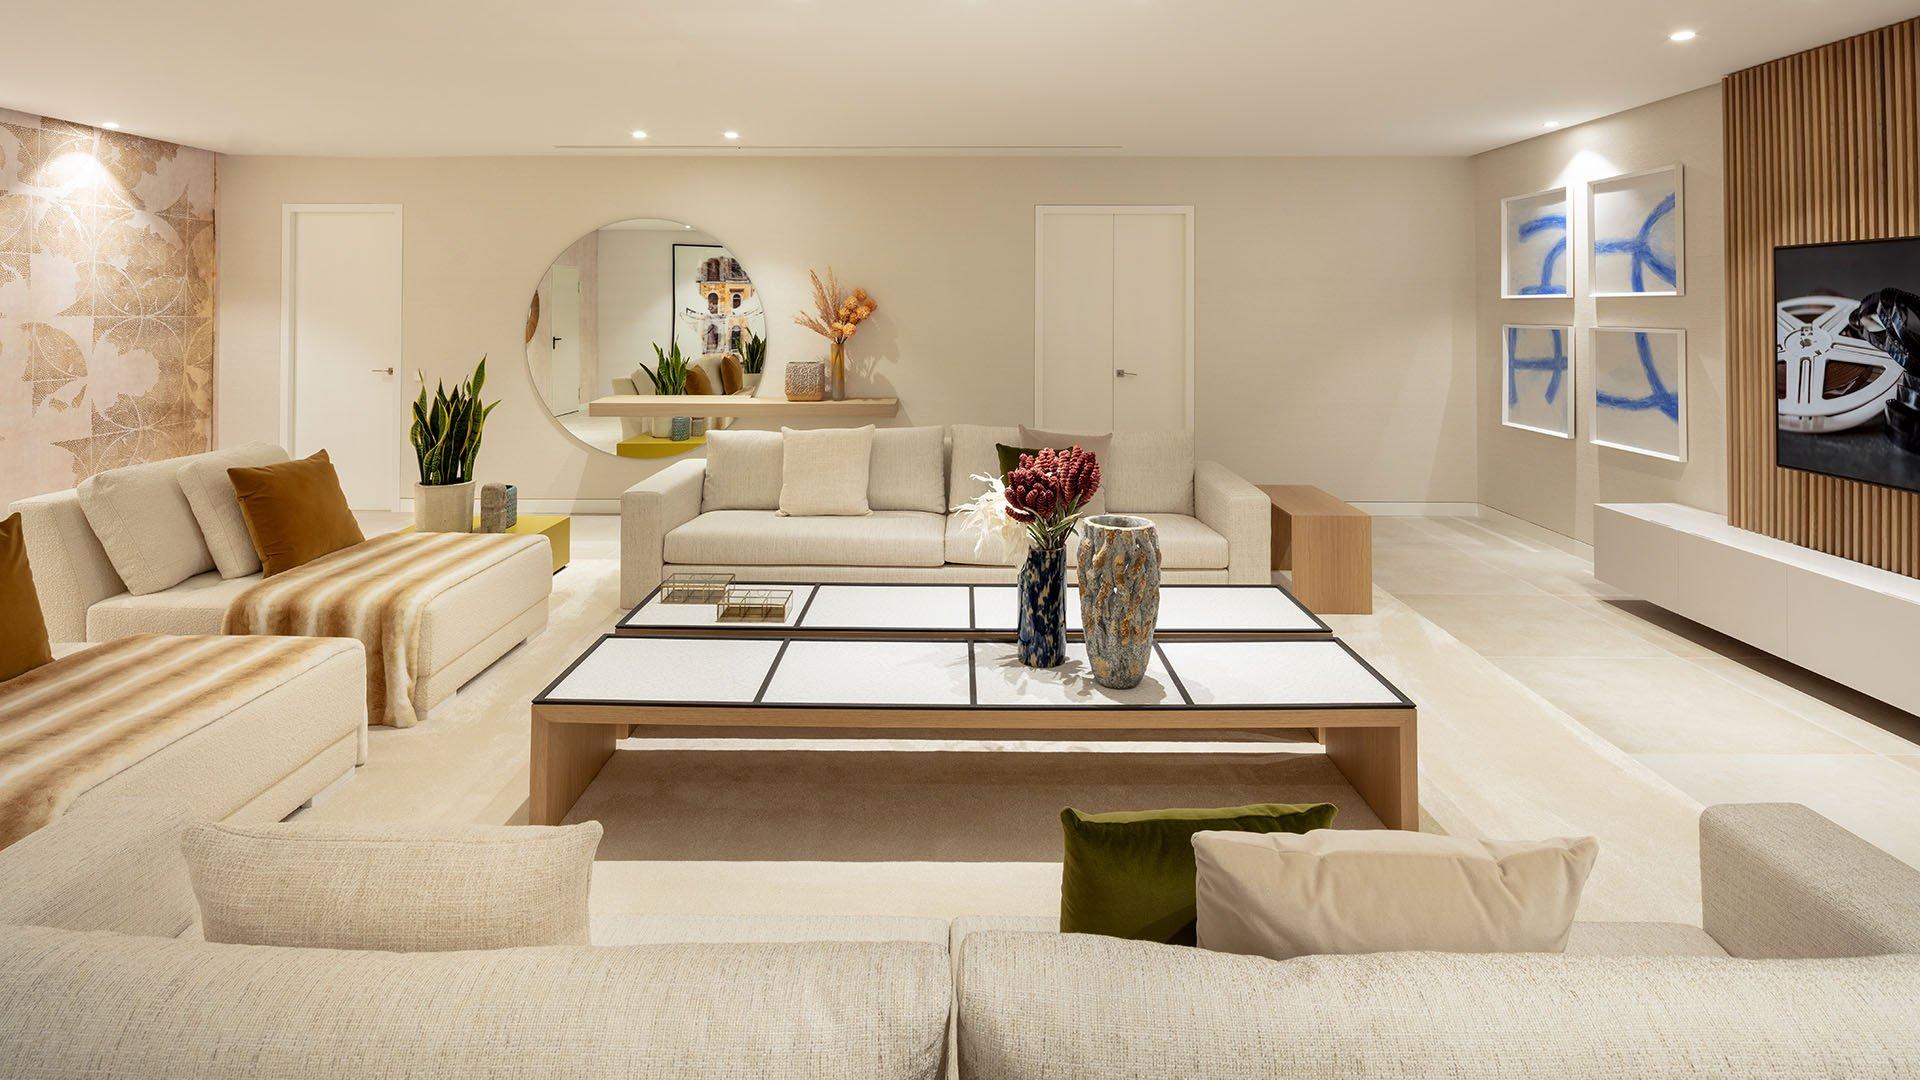 Brisas 1: Luxueuze villa in LA stijl in Nueva Andalucía, Marbella